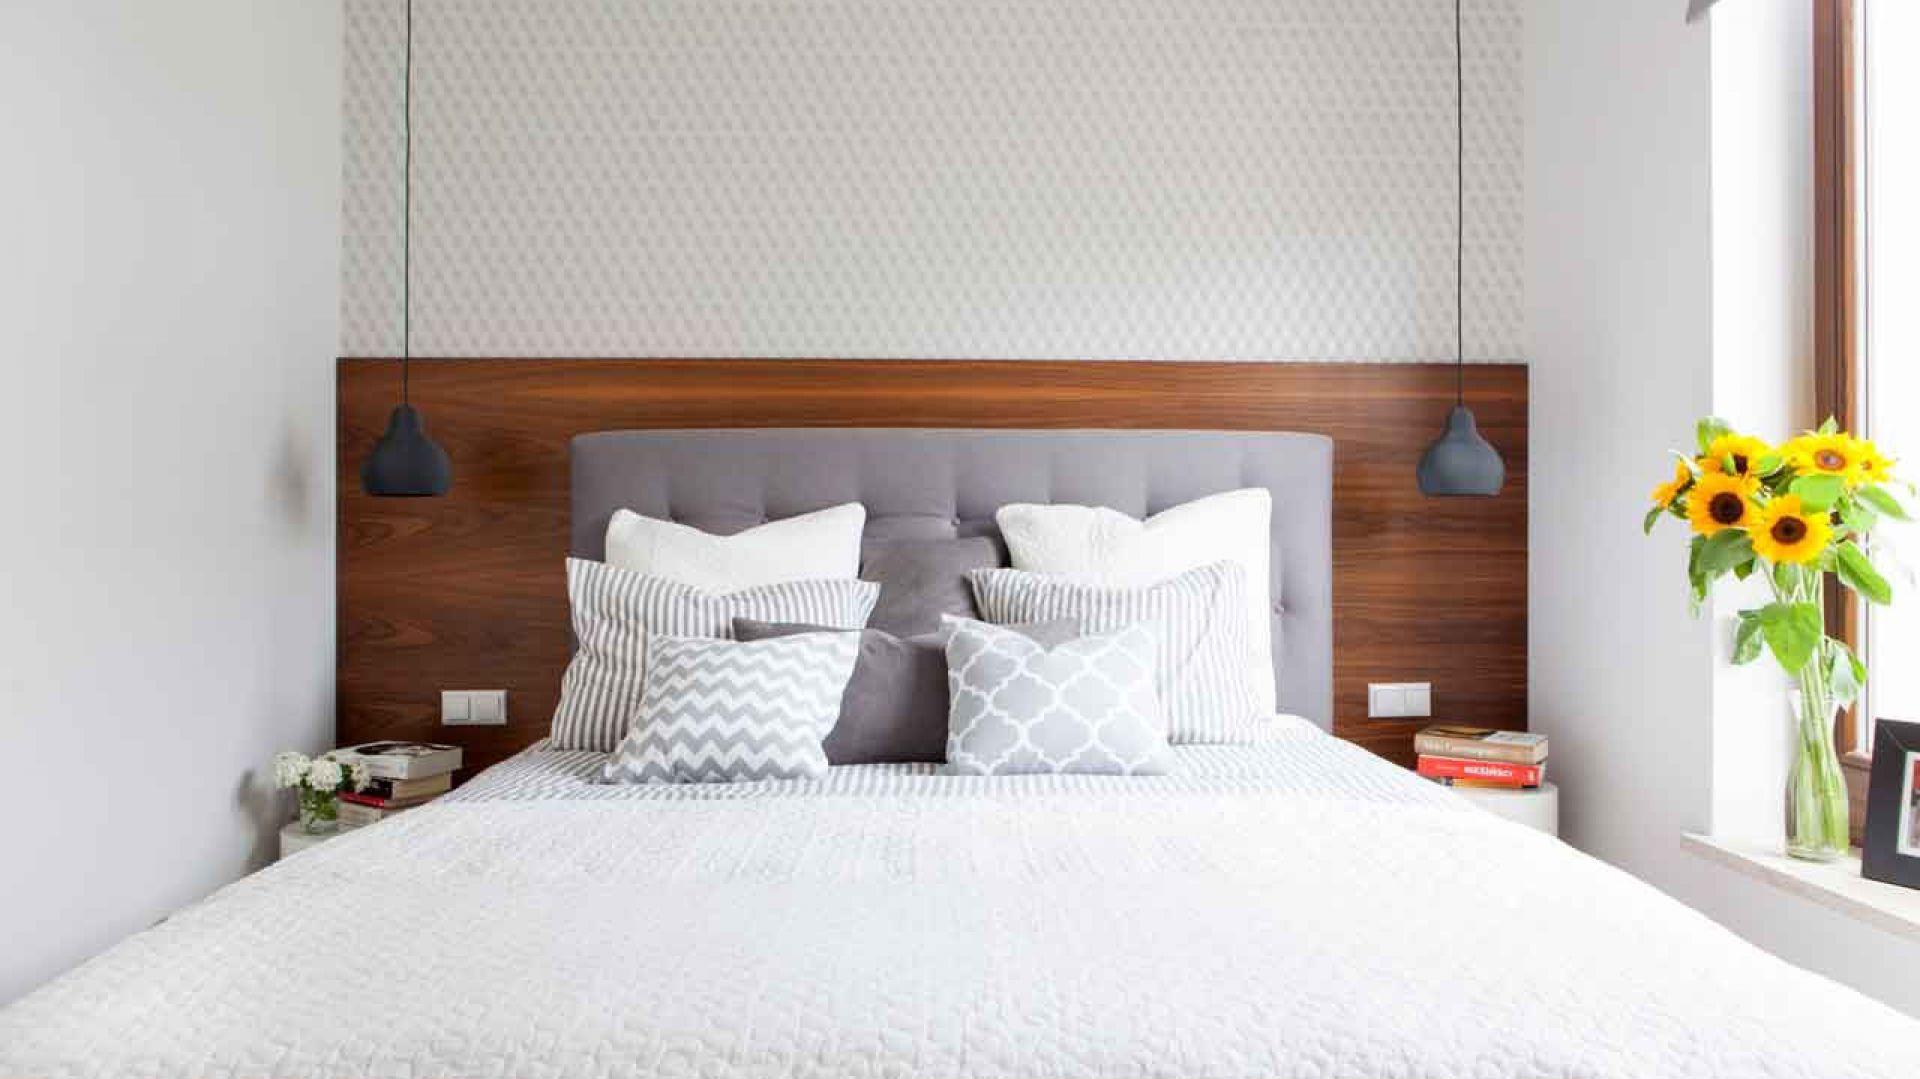 Przytulny nastrój  w tej sypialni tworzy drewno orzecha o ciepłej barwie, którym wyłożono ścianę za łóżkiem, a także miękkie tekstylia – tapicerowany zagłówek łóżka i leżące na nim poduszki o wzorach dopasowanych do ornamentu na tapecie. Z sufitu zwieszają się po obu bokach łóżka lampy na długich kablach, których nikłe światło tworzy wieczorem intymny klimat. Fot. Małgorzata Górska-Niwińska, MGN